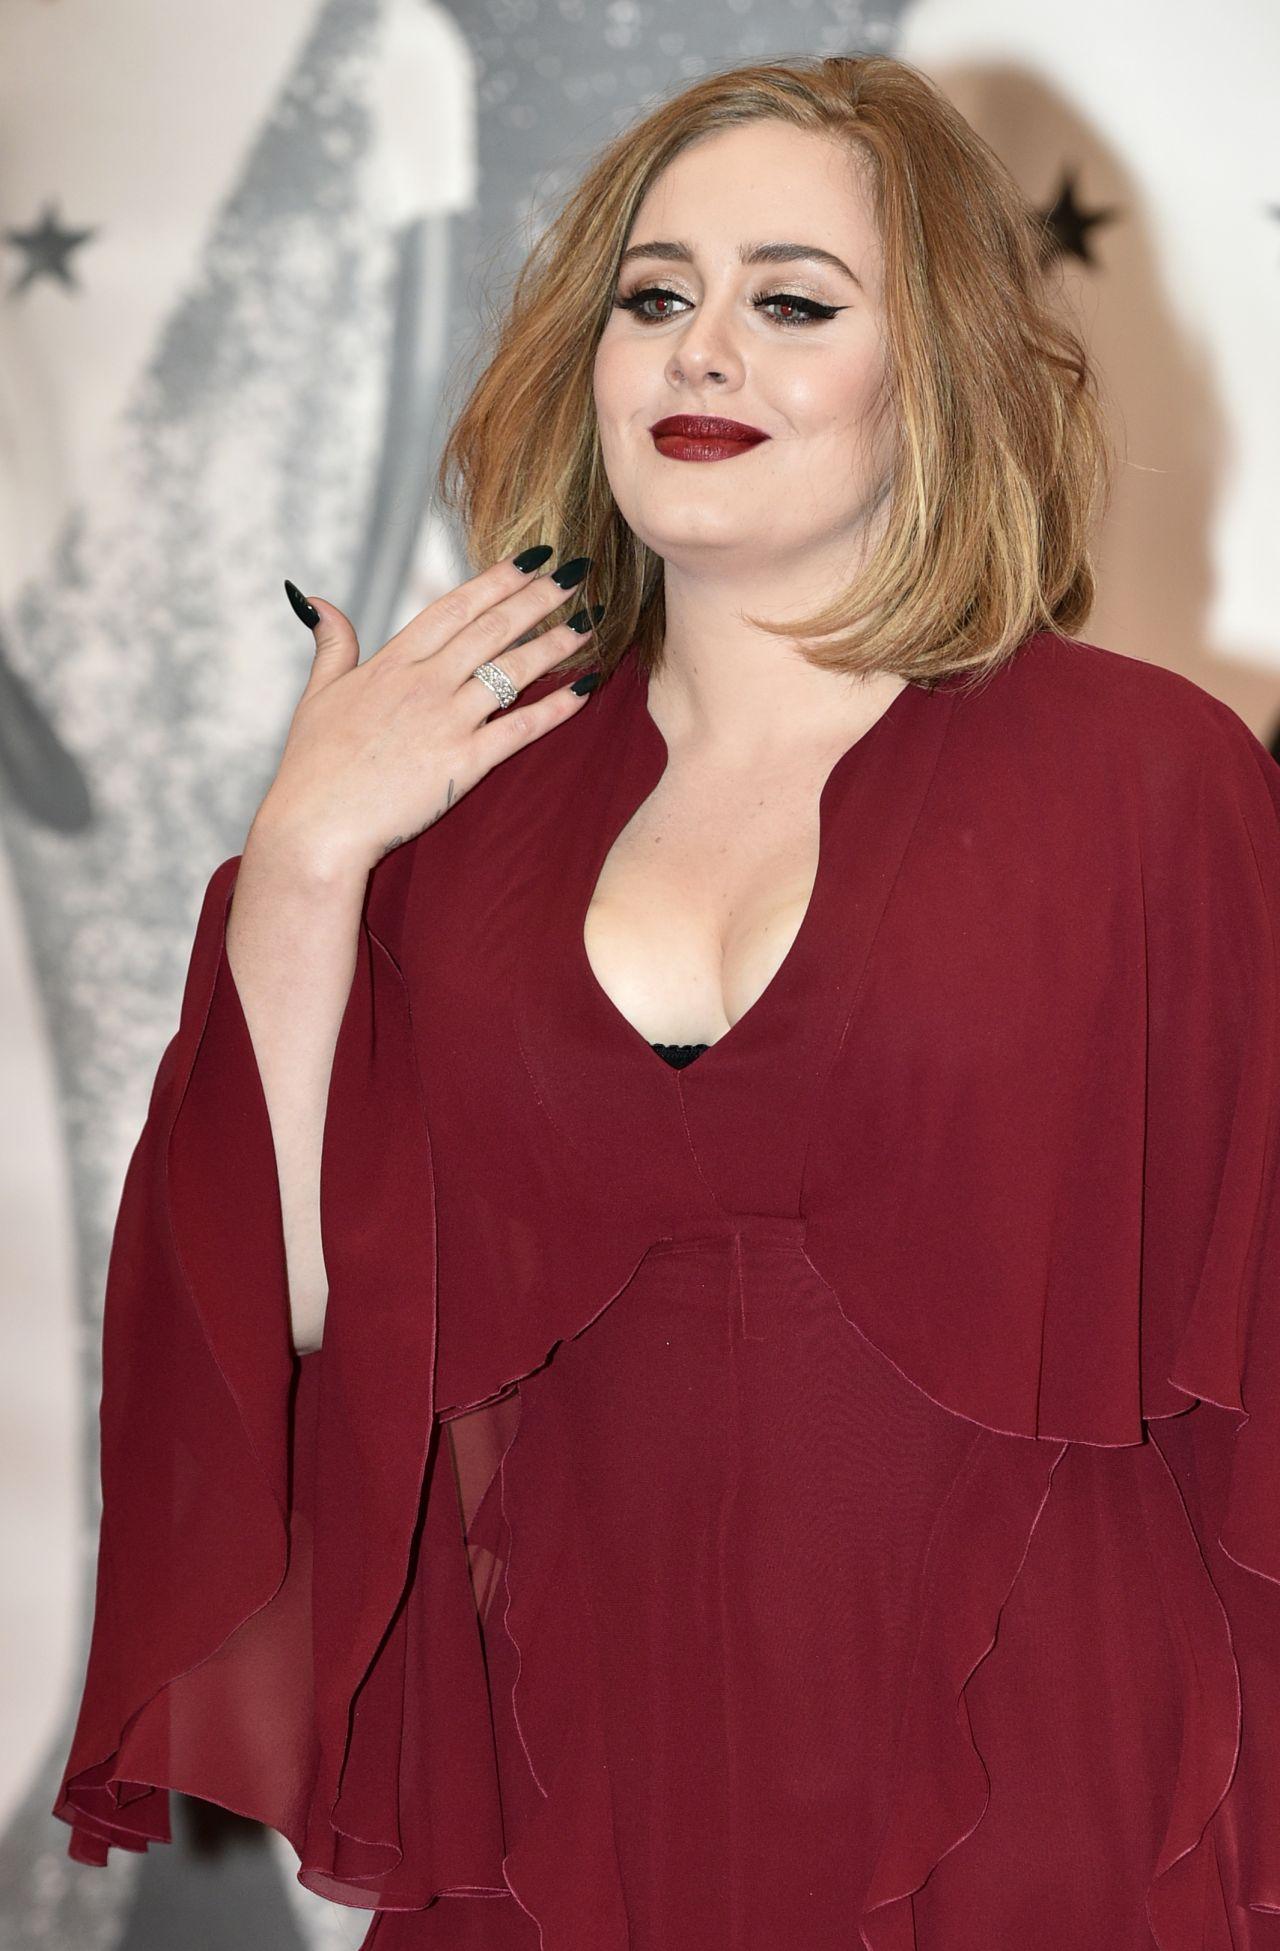 Adele Brit Awards 2016 In London